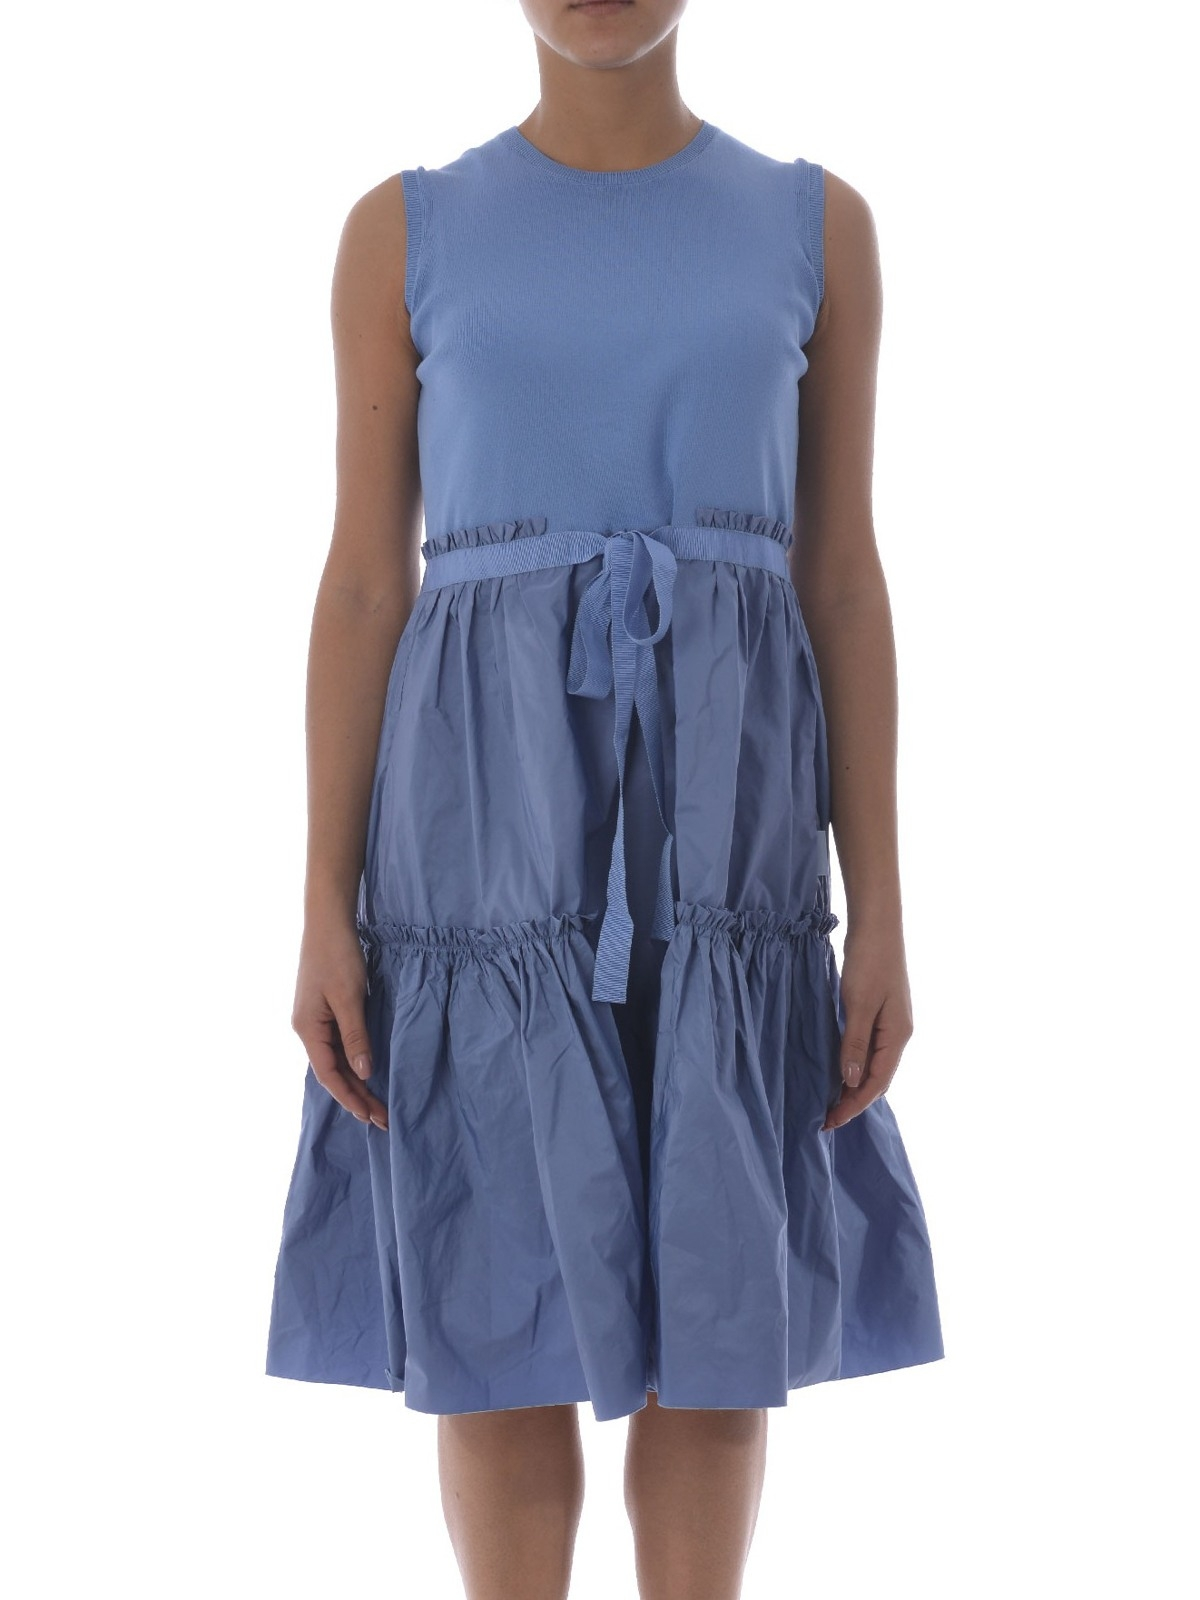 Abend Erstaunlich Kleid Hellblau Knielang VertriebAbend Fantastisch Kleid Hellblau Knielang Boutique